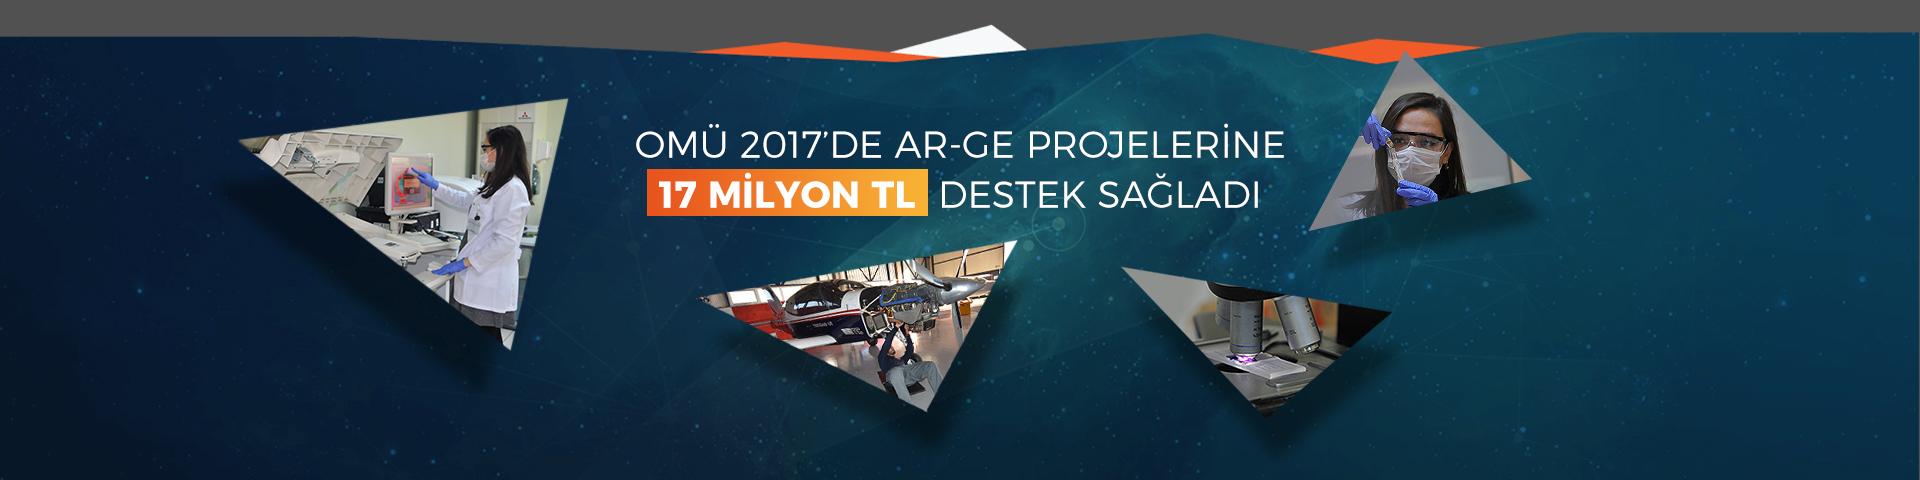 OMÜ 2017'de AR-GE Projelerine 17 Milyon TL Destek Sağladı